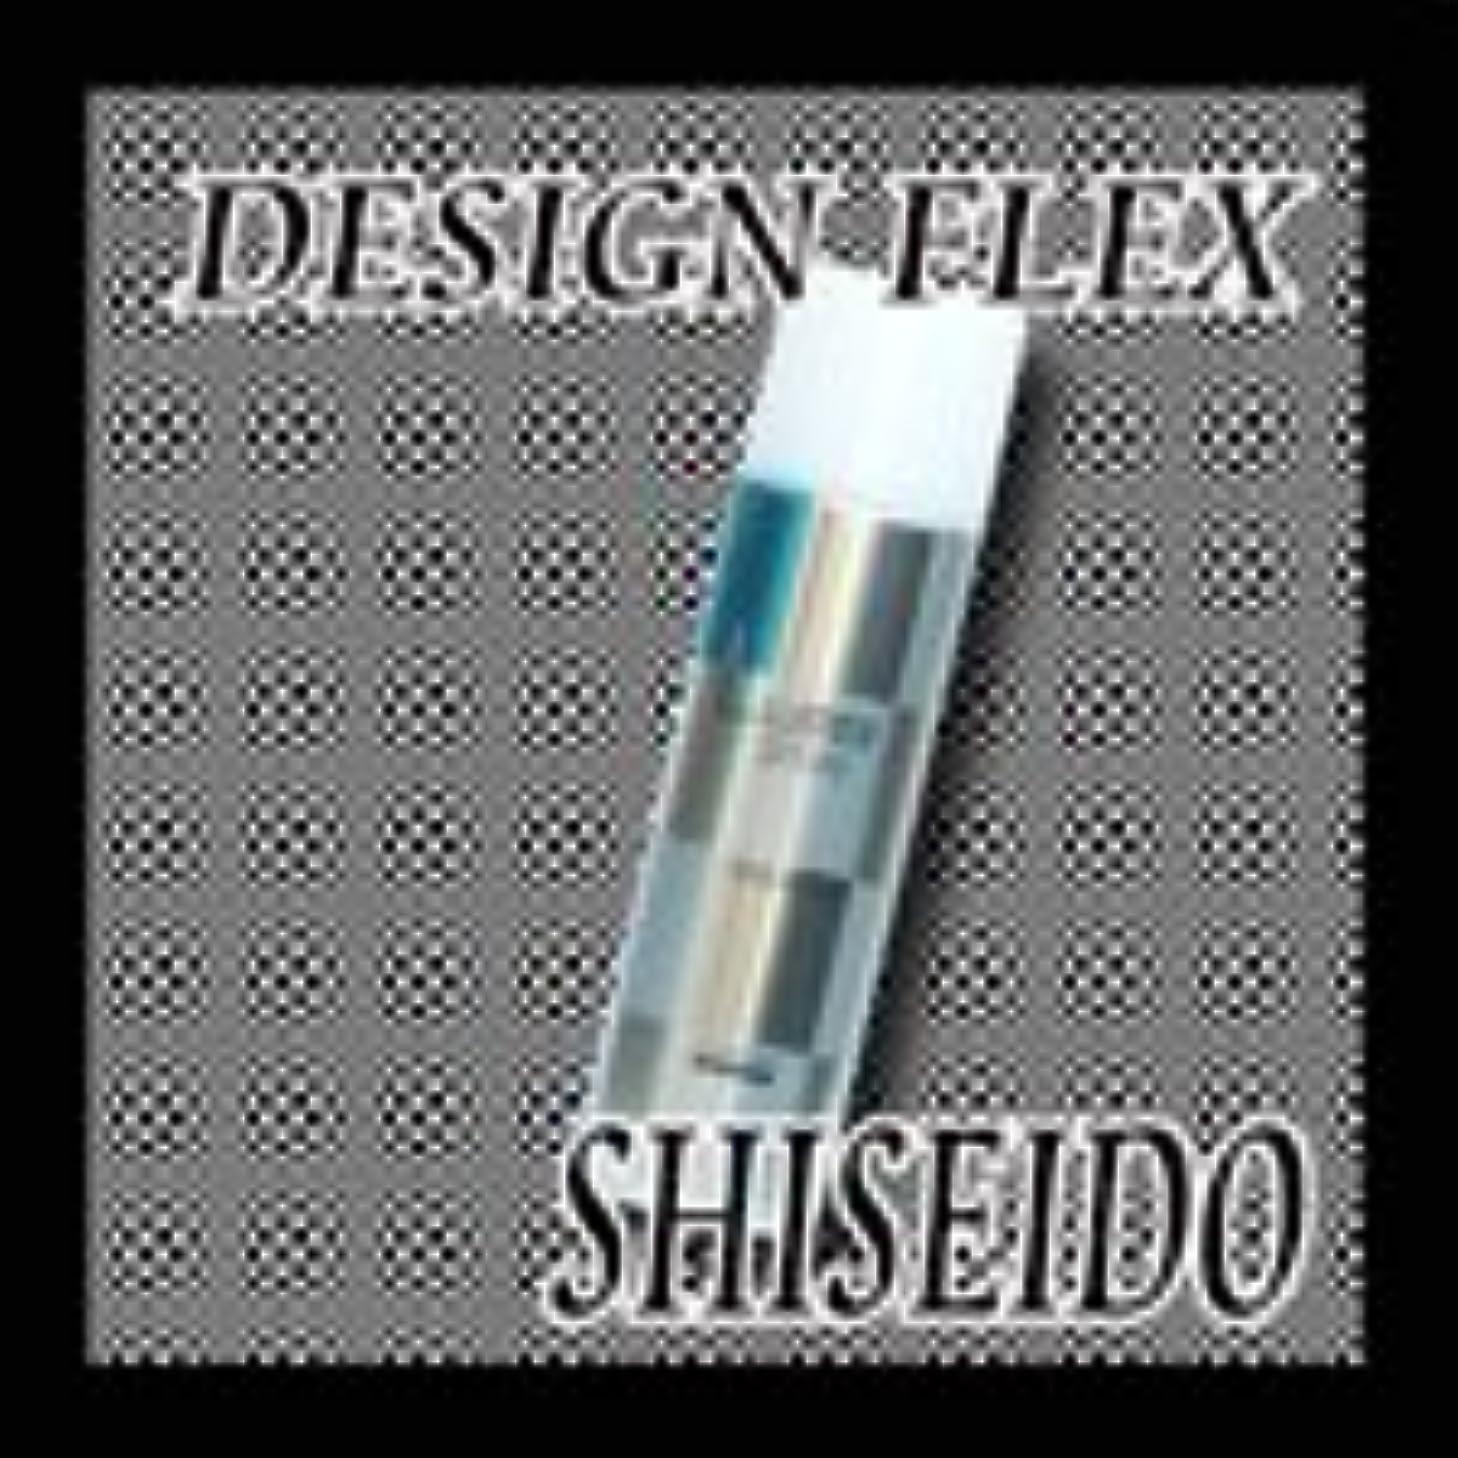 視聴者借りる副産物SHISEIDO 資生堂 プロフェッショナル DESIGN FLEX デザインフレックス ラスタースプレー215g